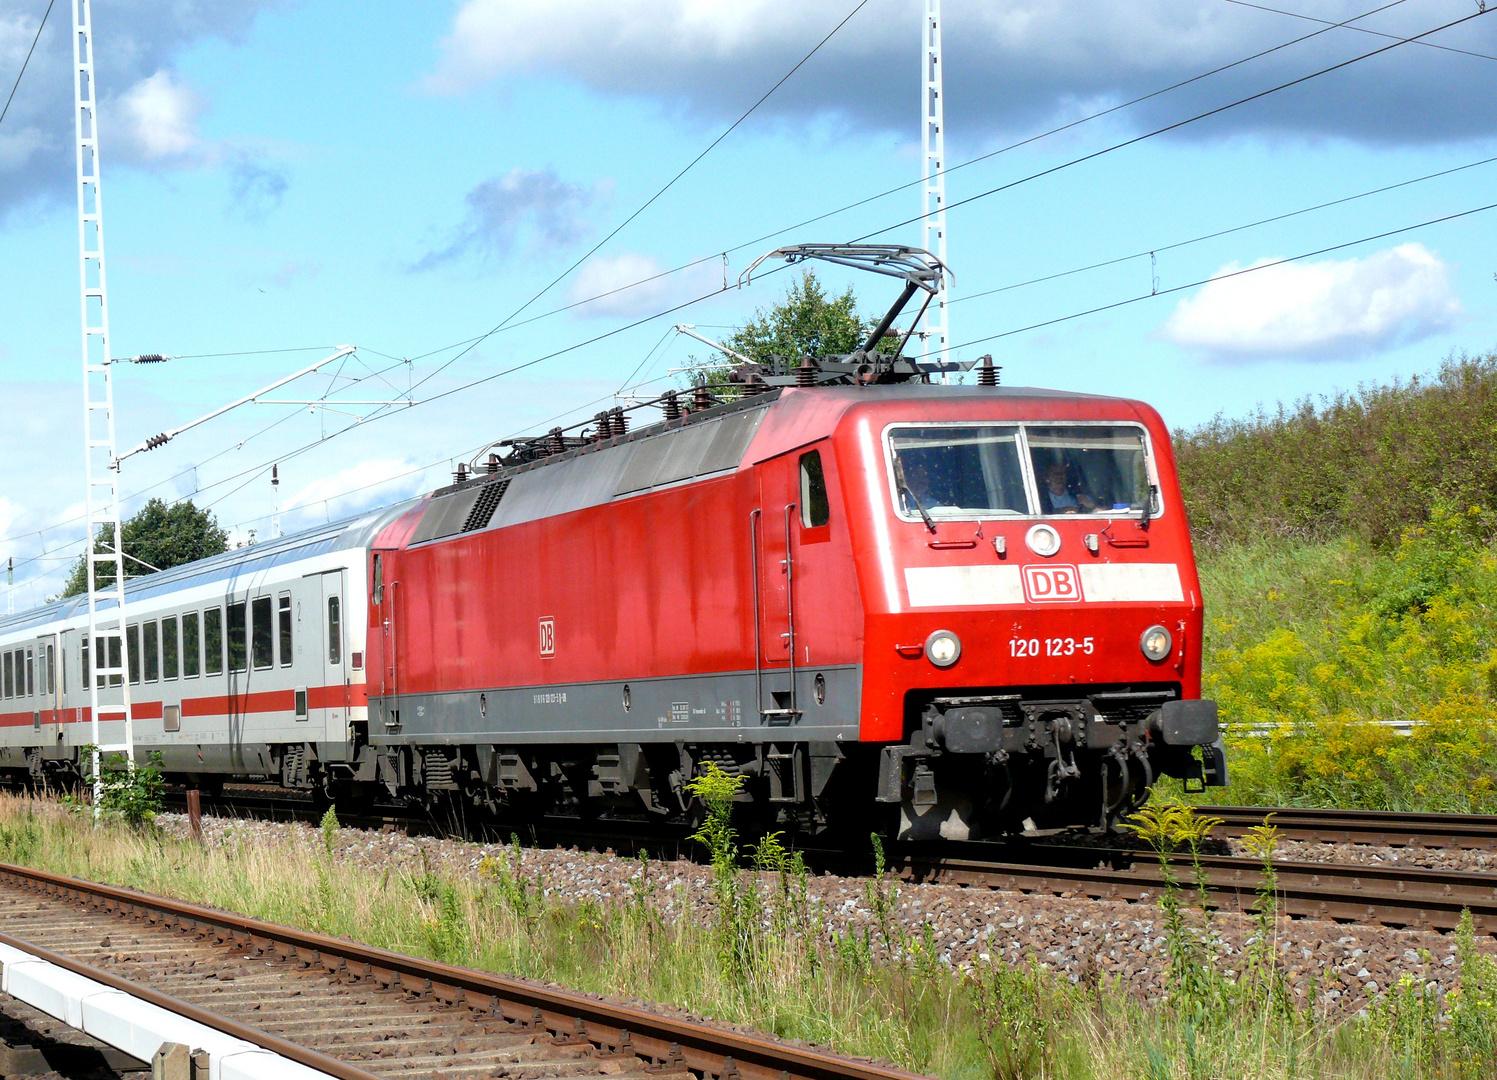 BR 120 123-5 der DB